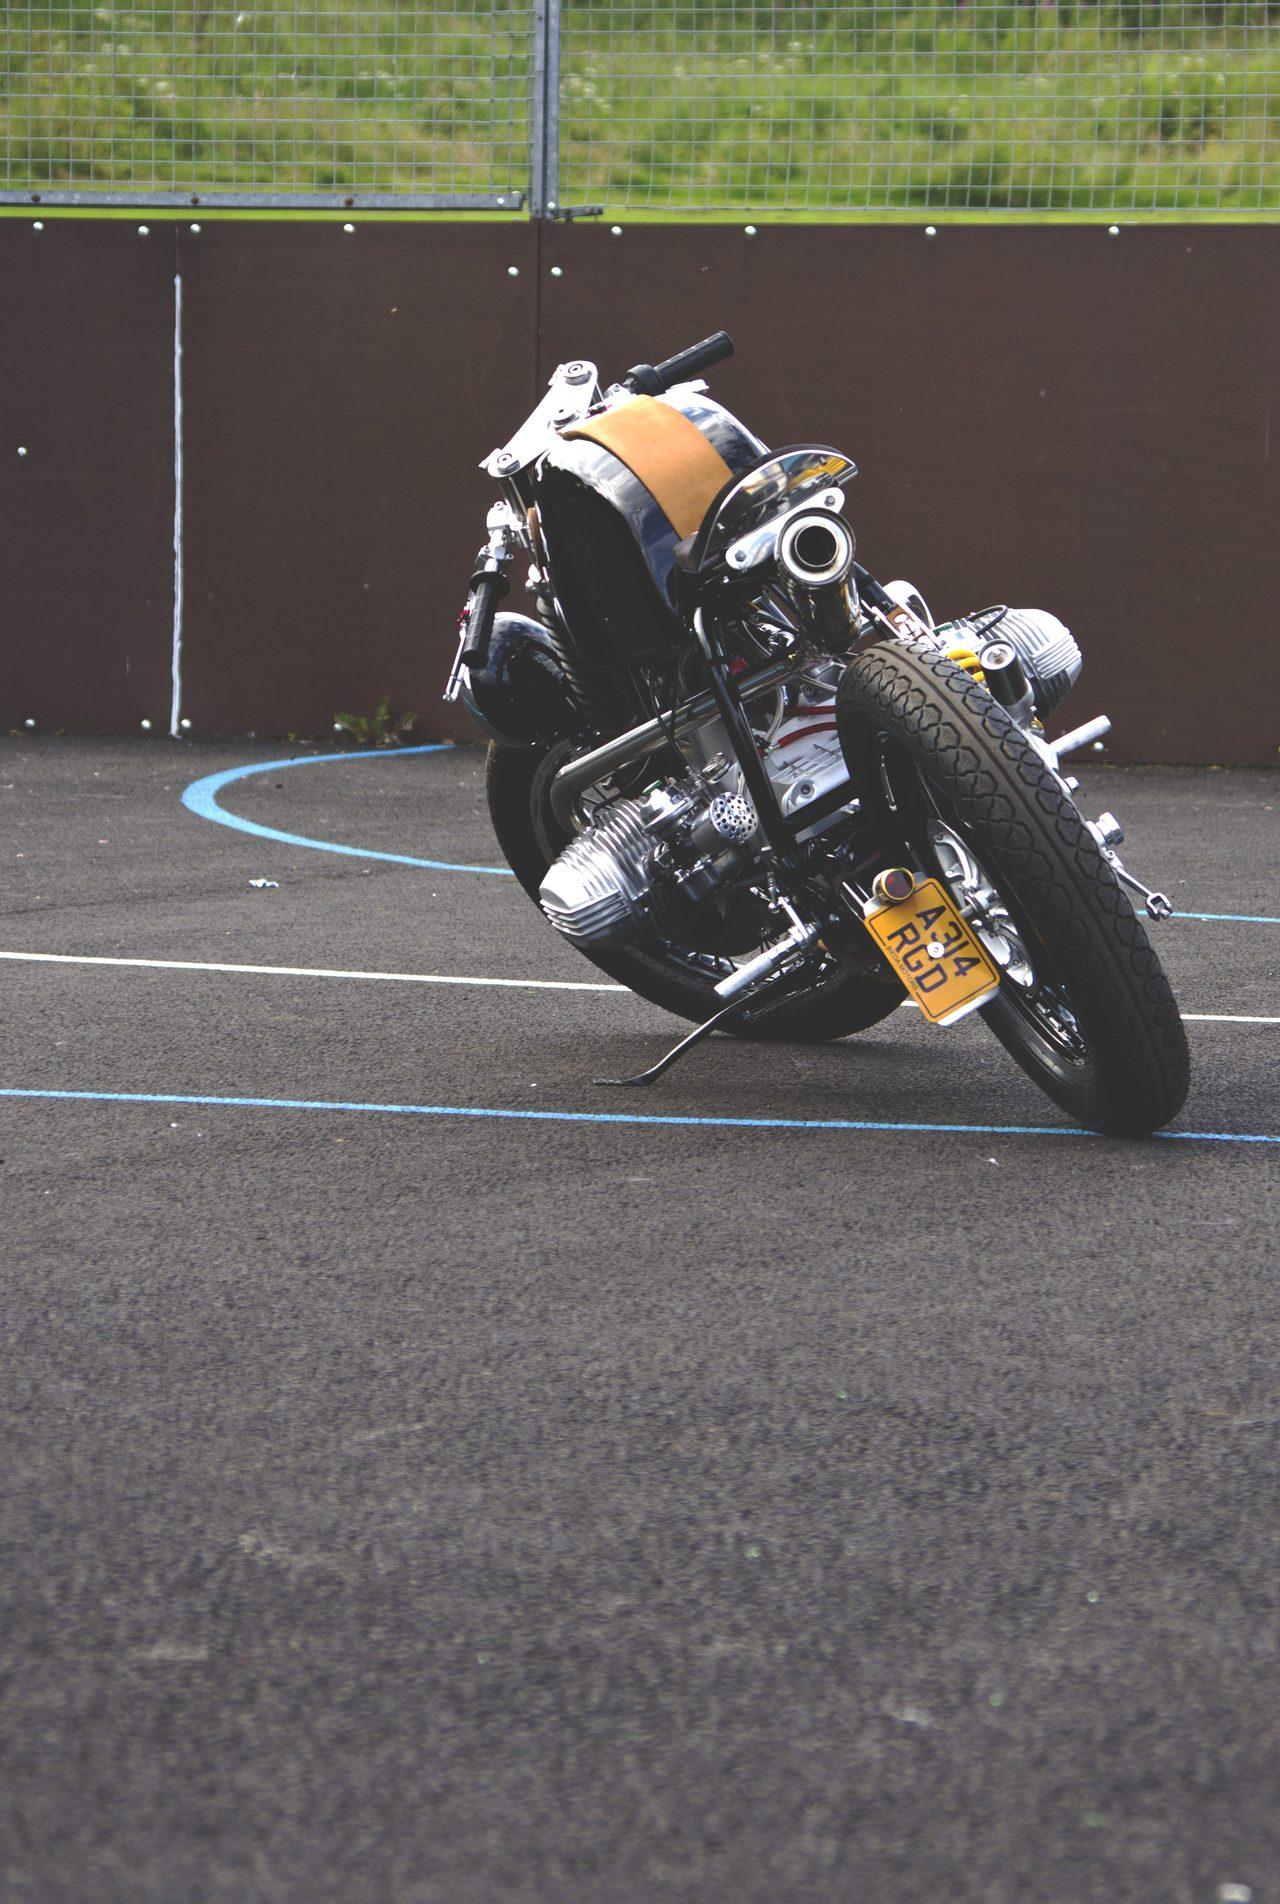 画像: この後ろ姿をいつまでも追いたい。 bieda75motors.com